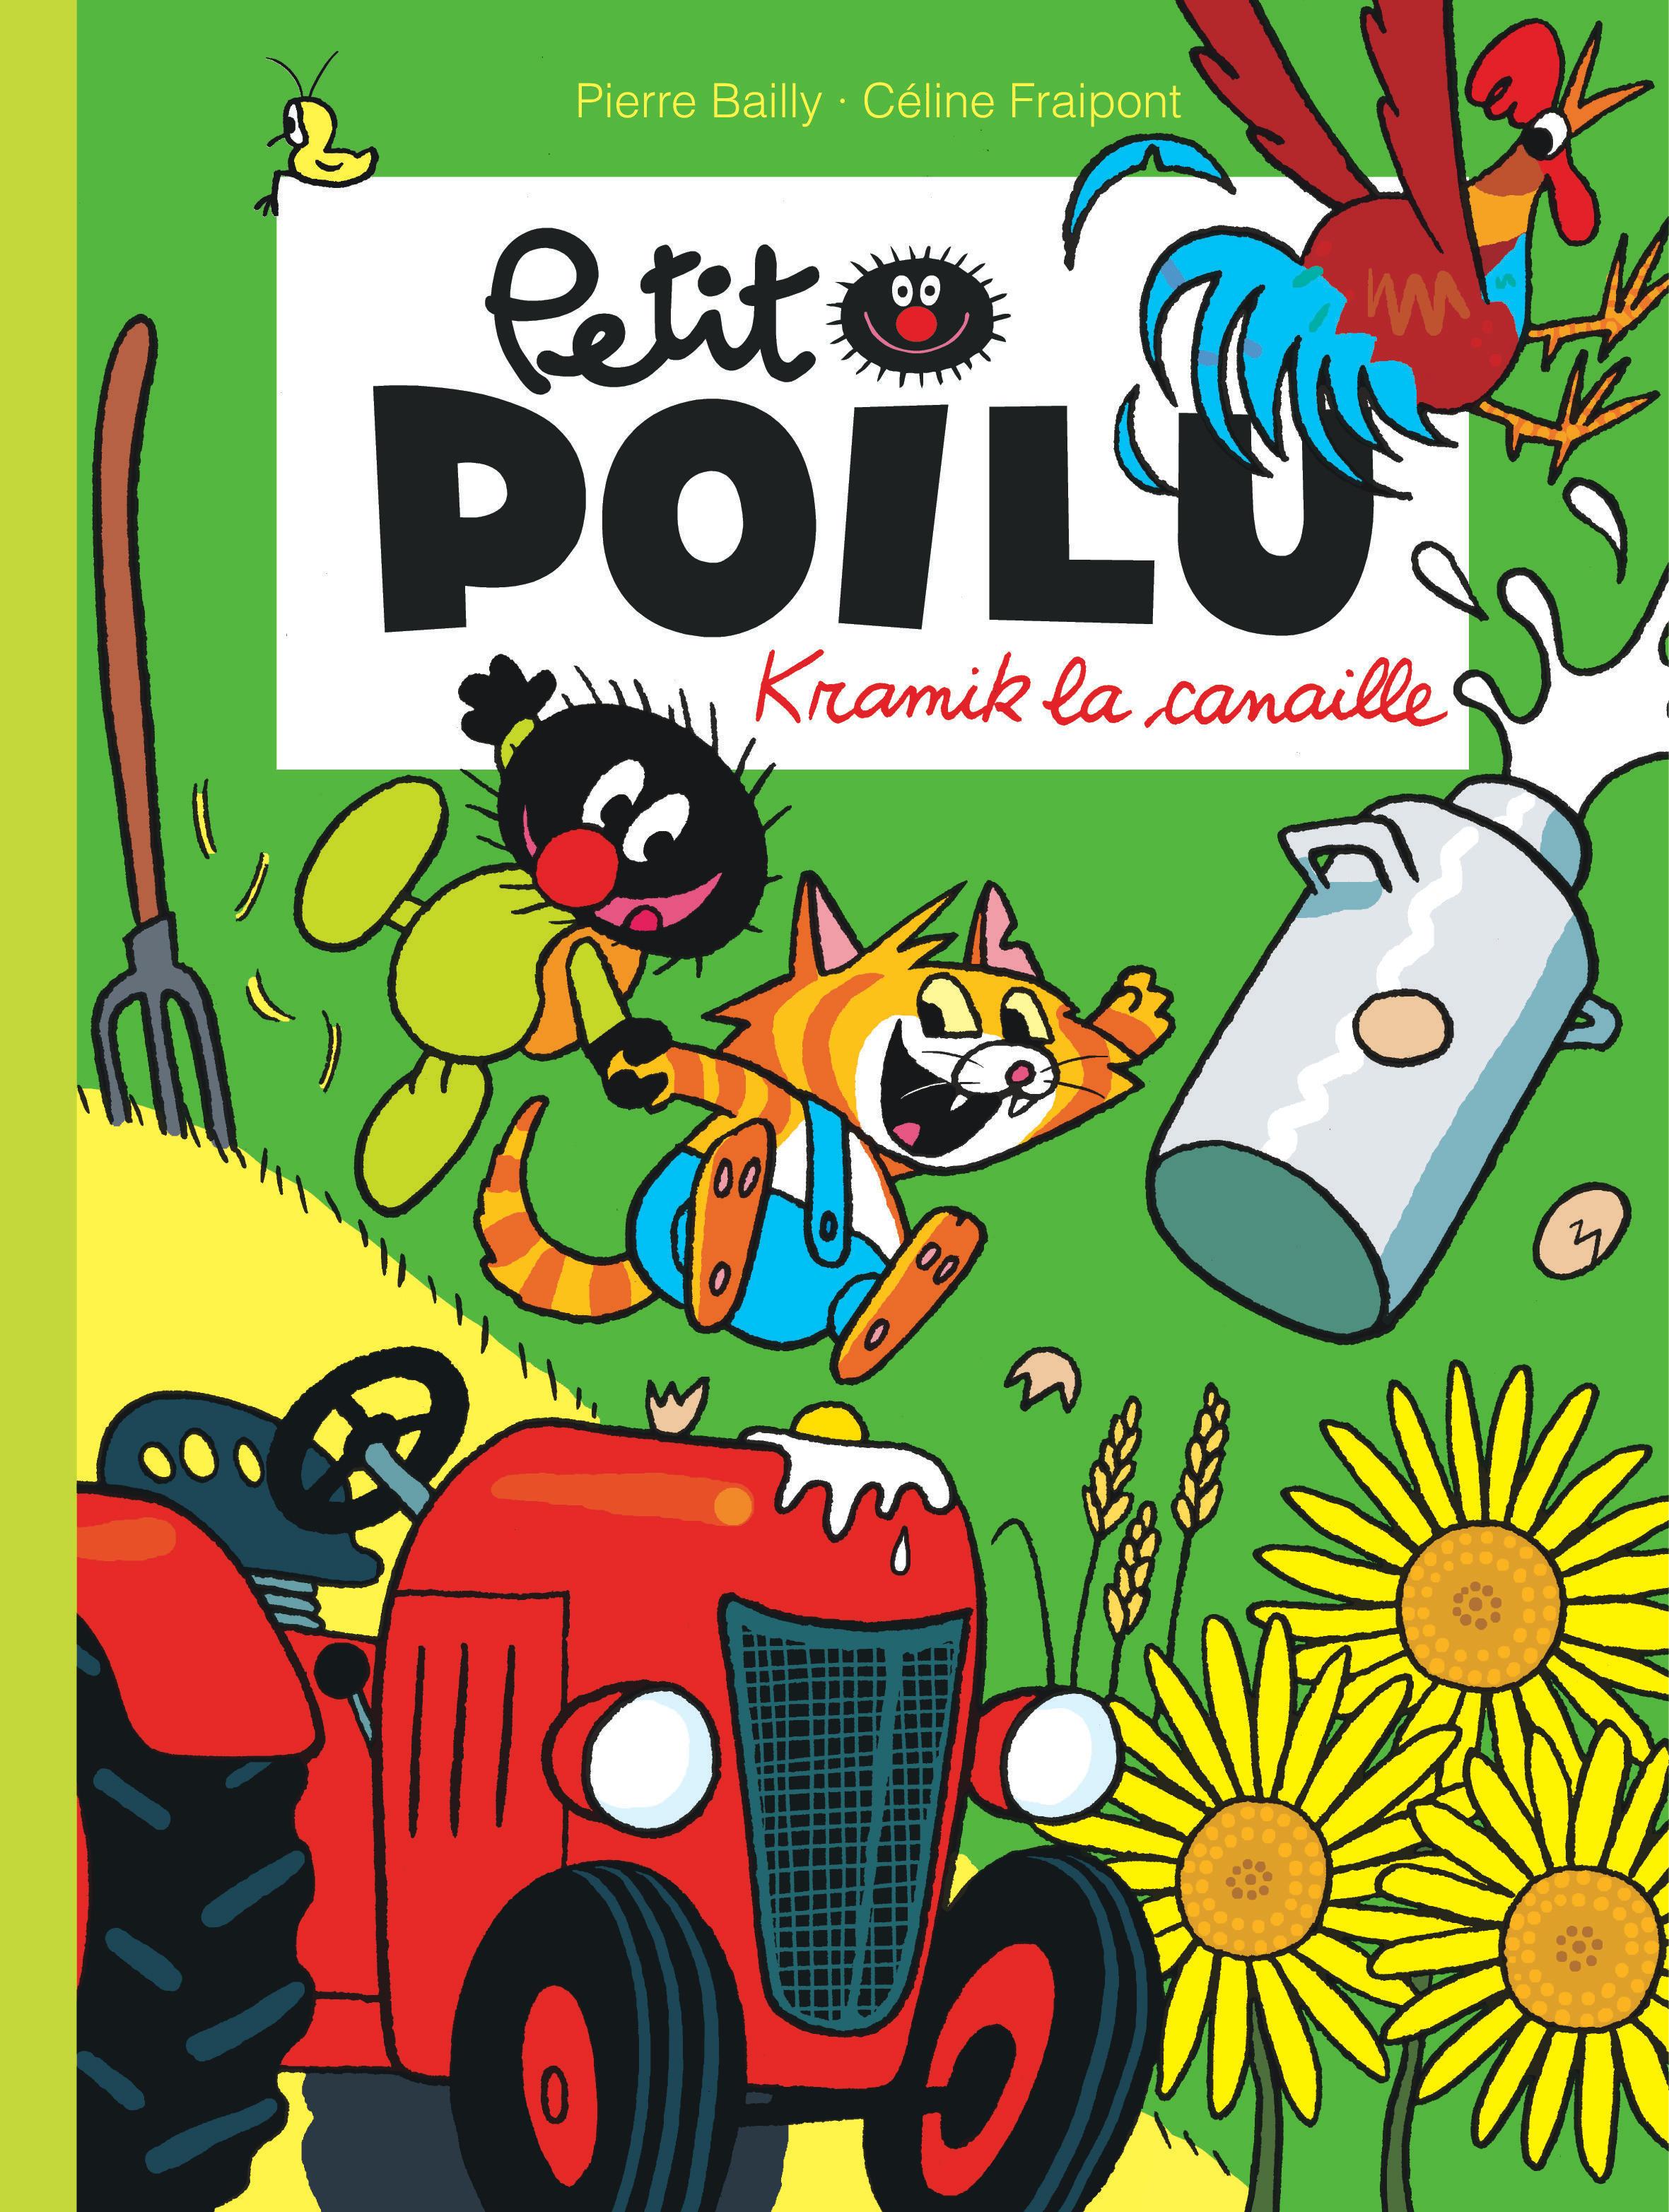 PETIT POILU - TOME 7 - KRAMIK LA CANAILLE (NOUVELLE MAQUETTE)